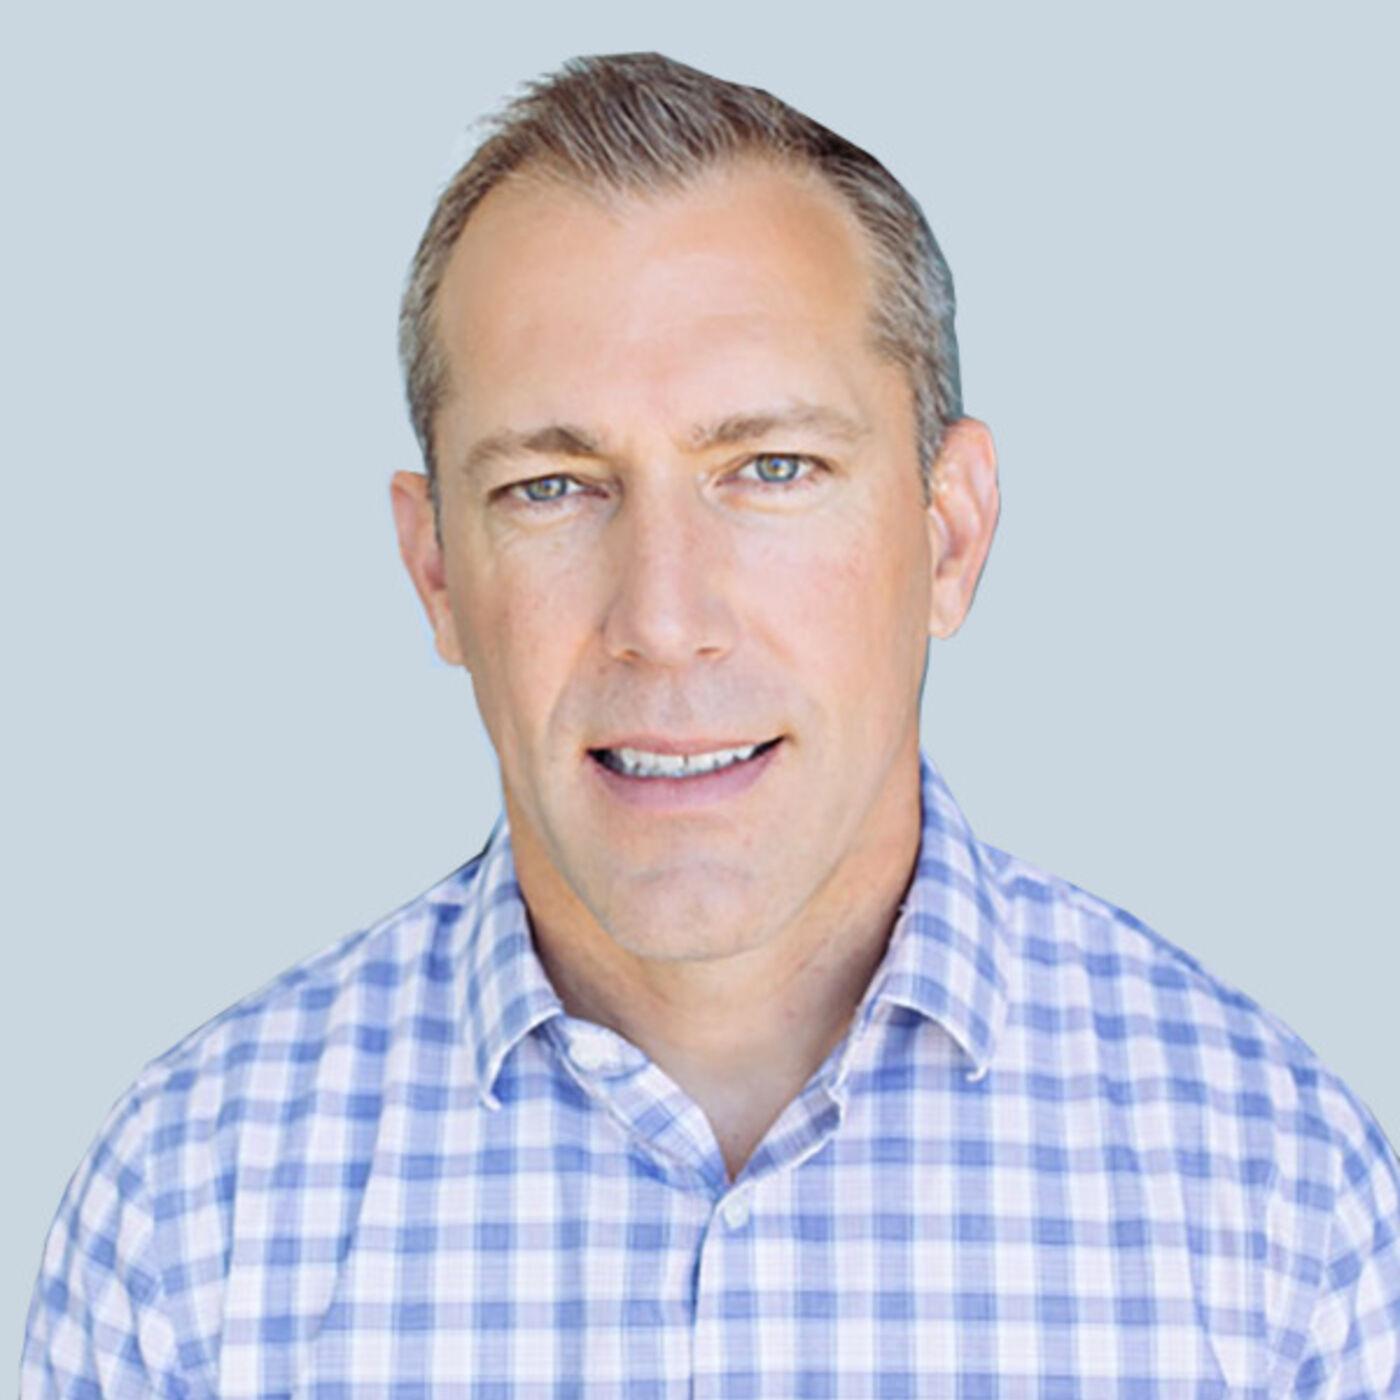 Eric Strafel of SUMMi7